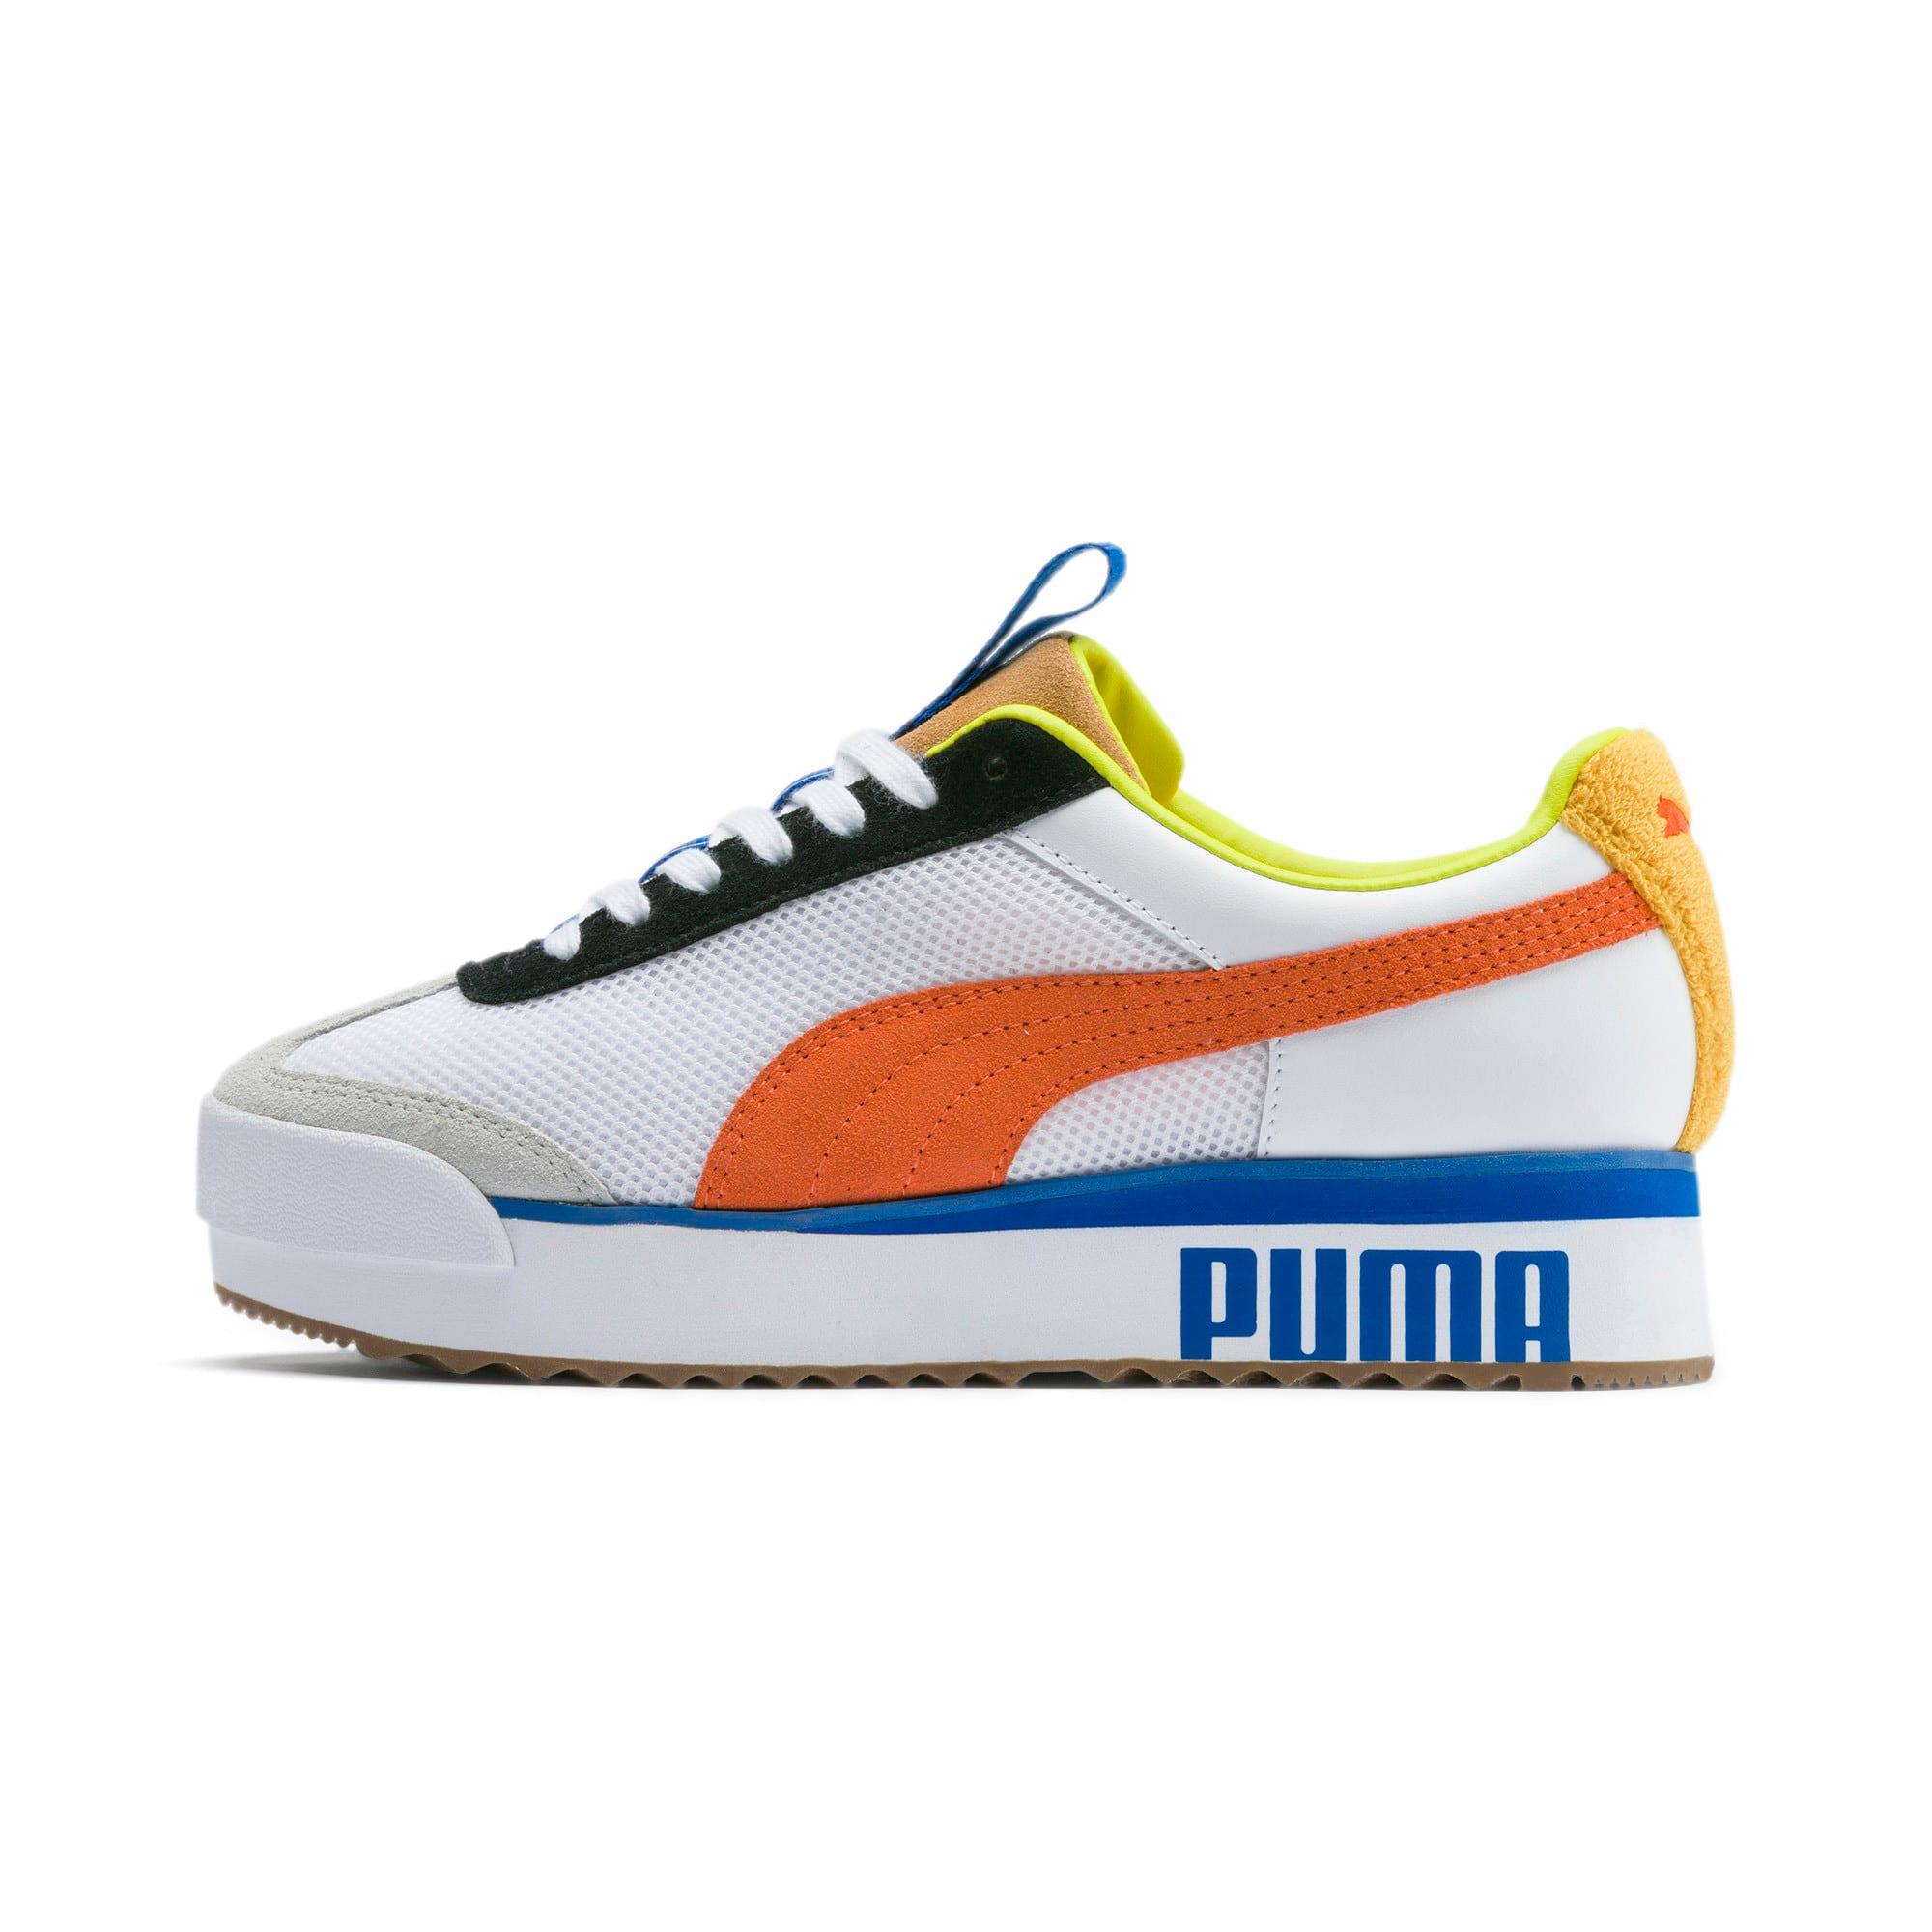 timeless design ed146 8fc60 Roma Amor Sport Women's Sneakers